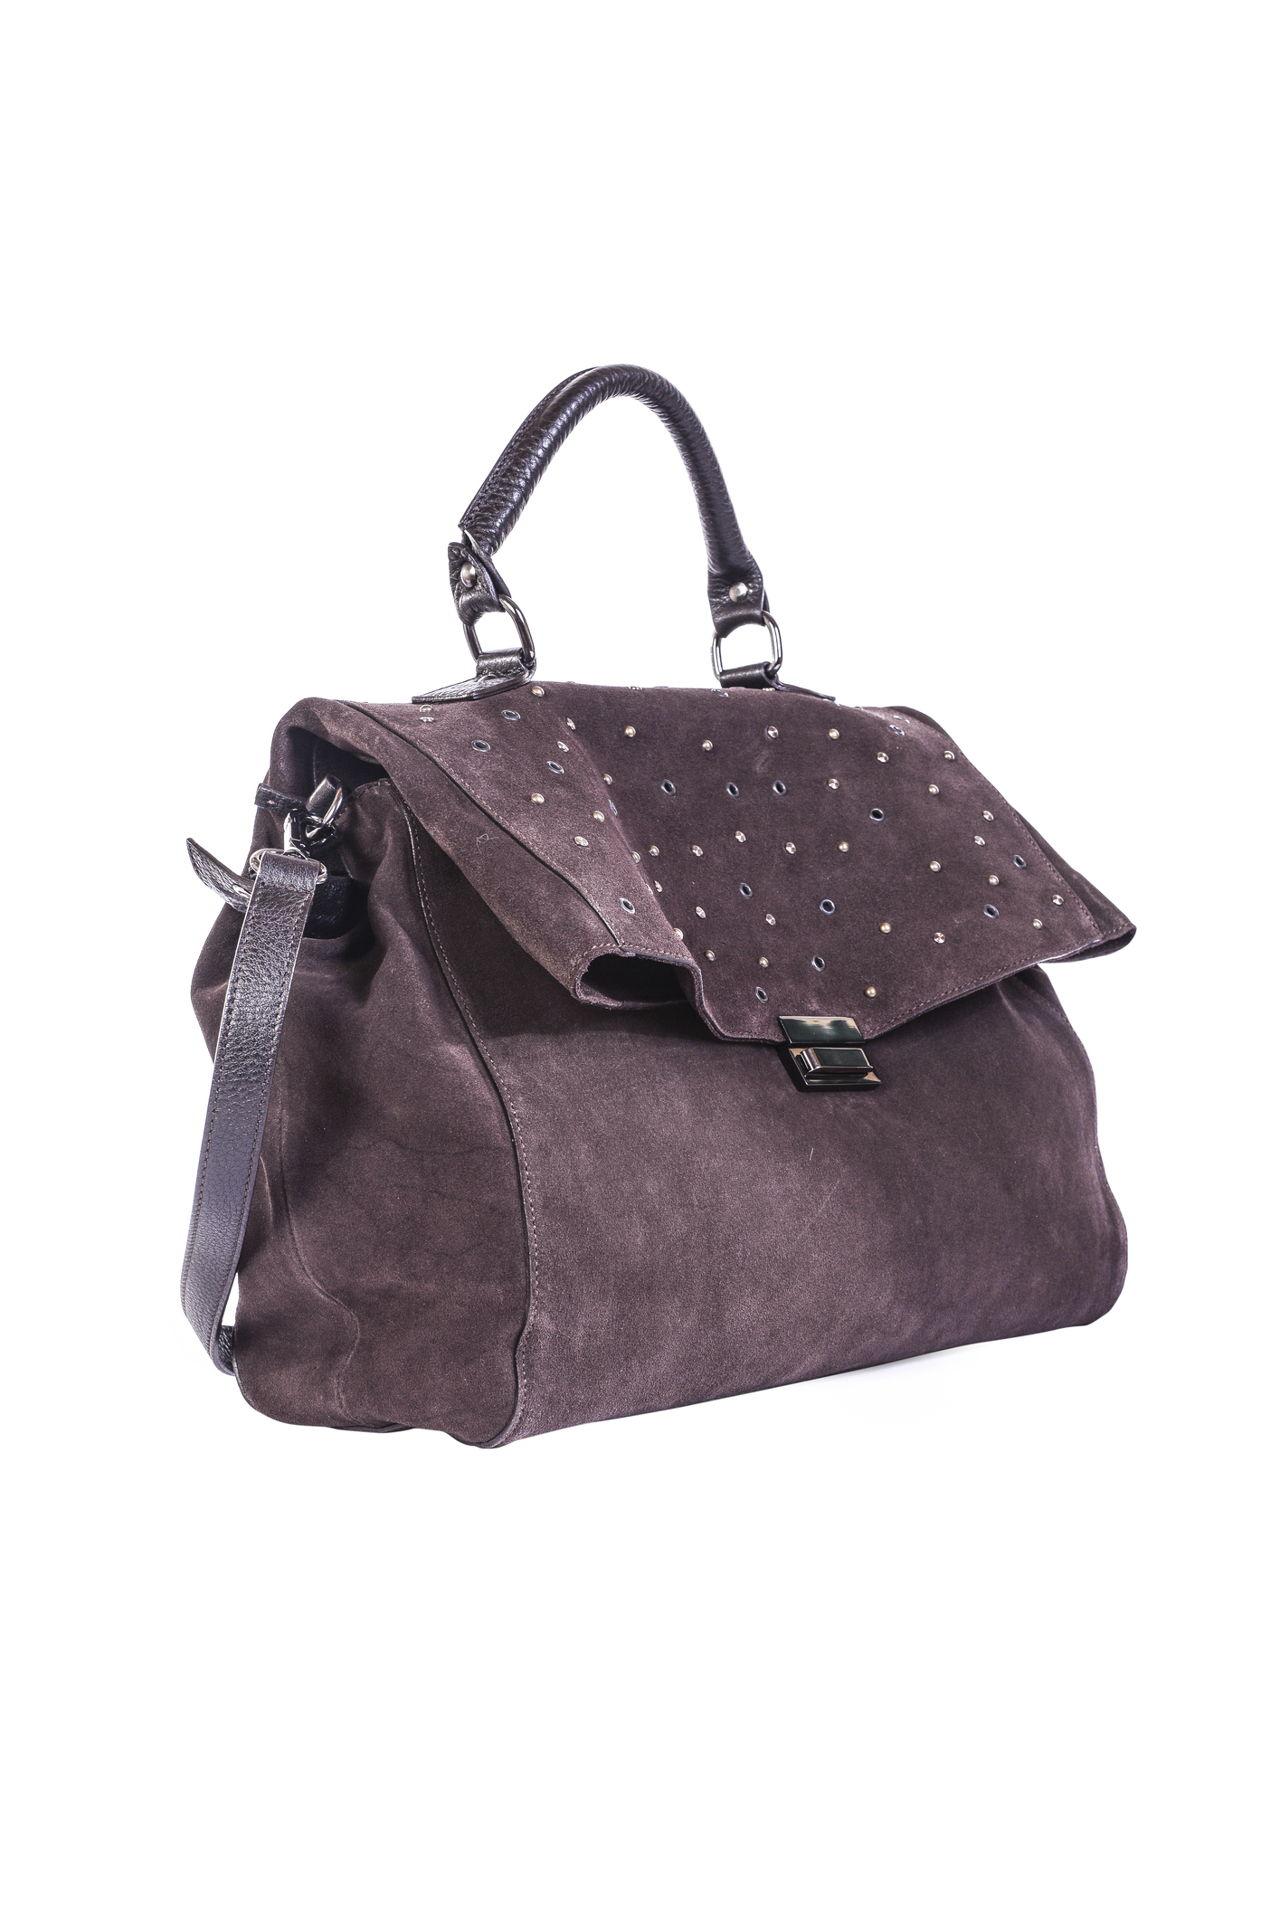 11 Affordable Designer Handbag Brands 7a9291e7bdb98